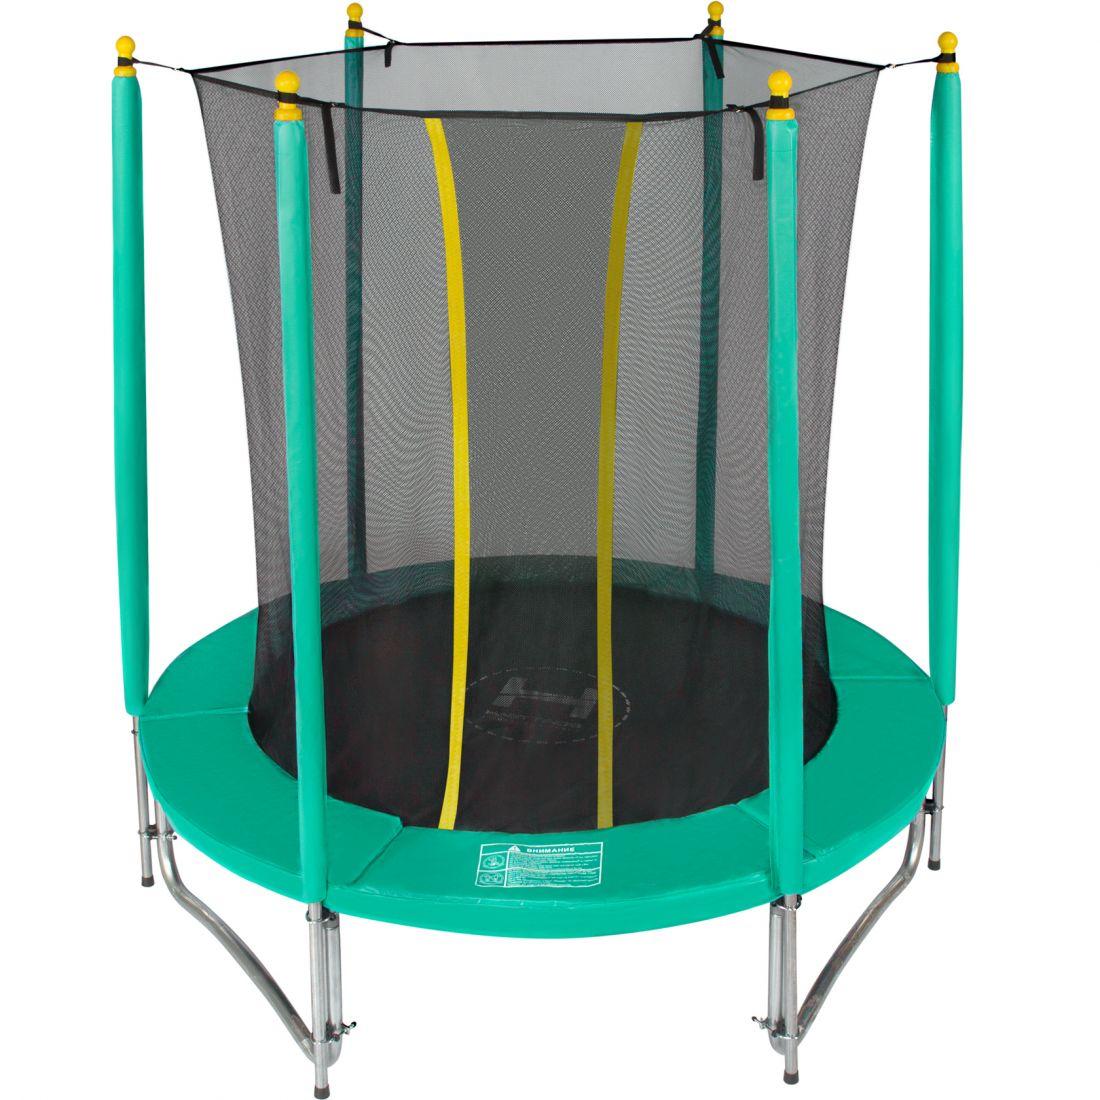 Батут с внутренней защитной сеткой - Hasttings Classic 6ft (1,82 м), цвет зеленый